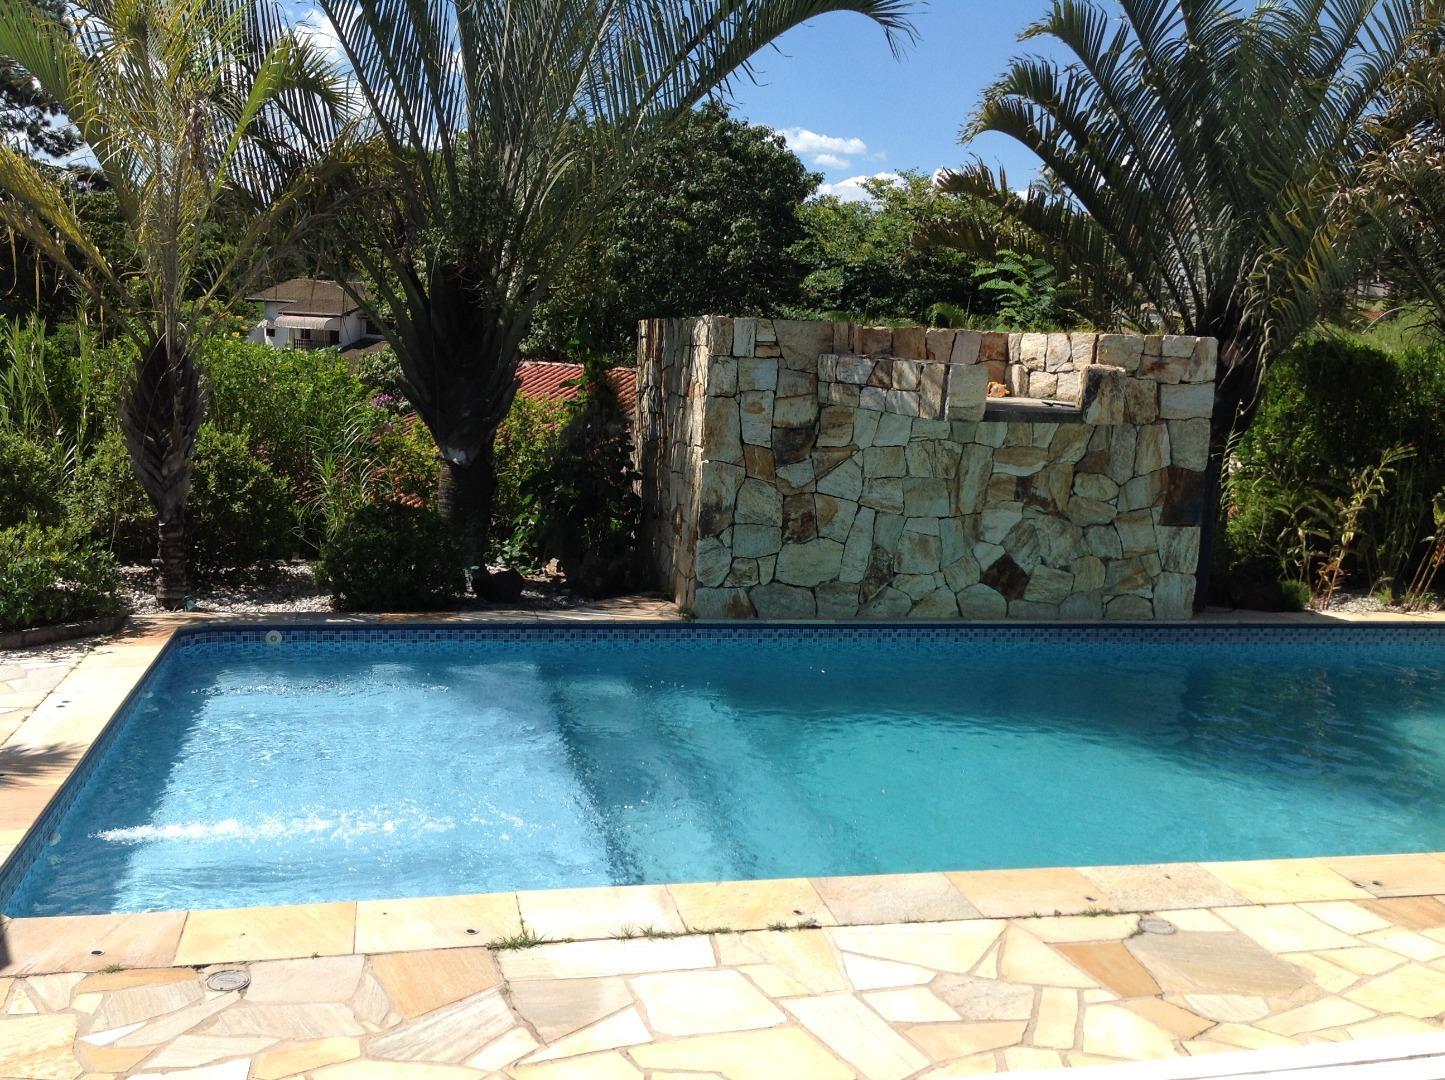 Casa com 3 dormitórios à venda, 330 m² por R$ 980.000 - Condomínio Parque das Laranjeiras - Itatiba/SP